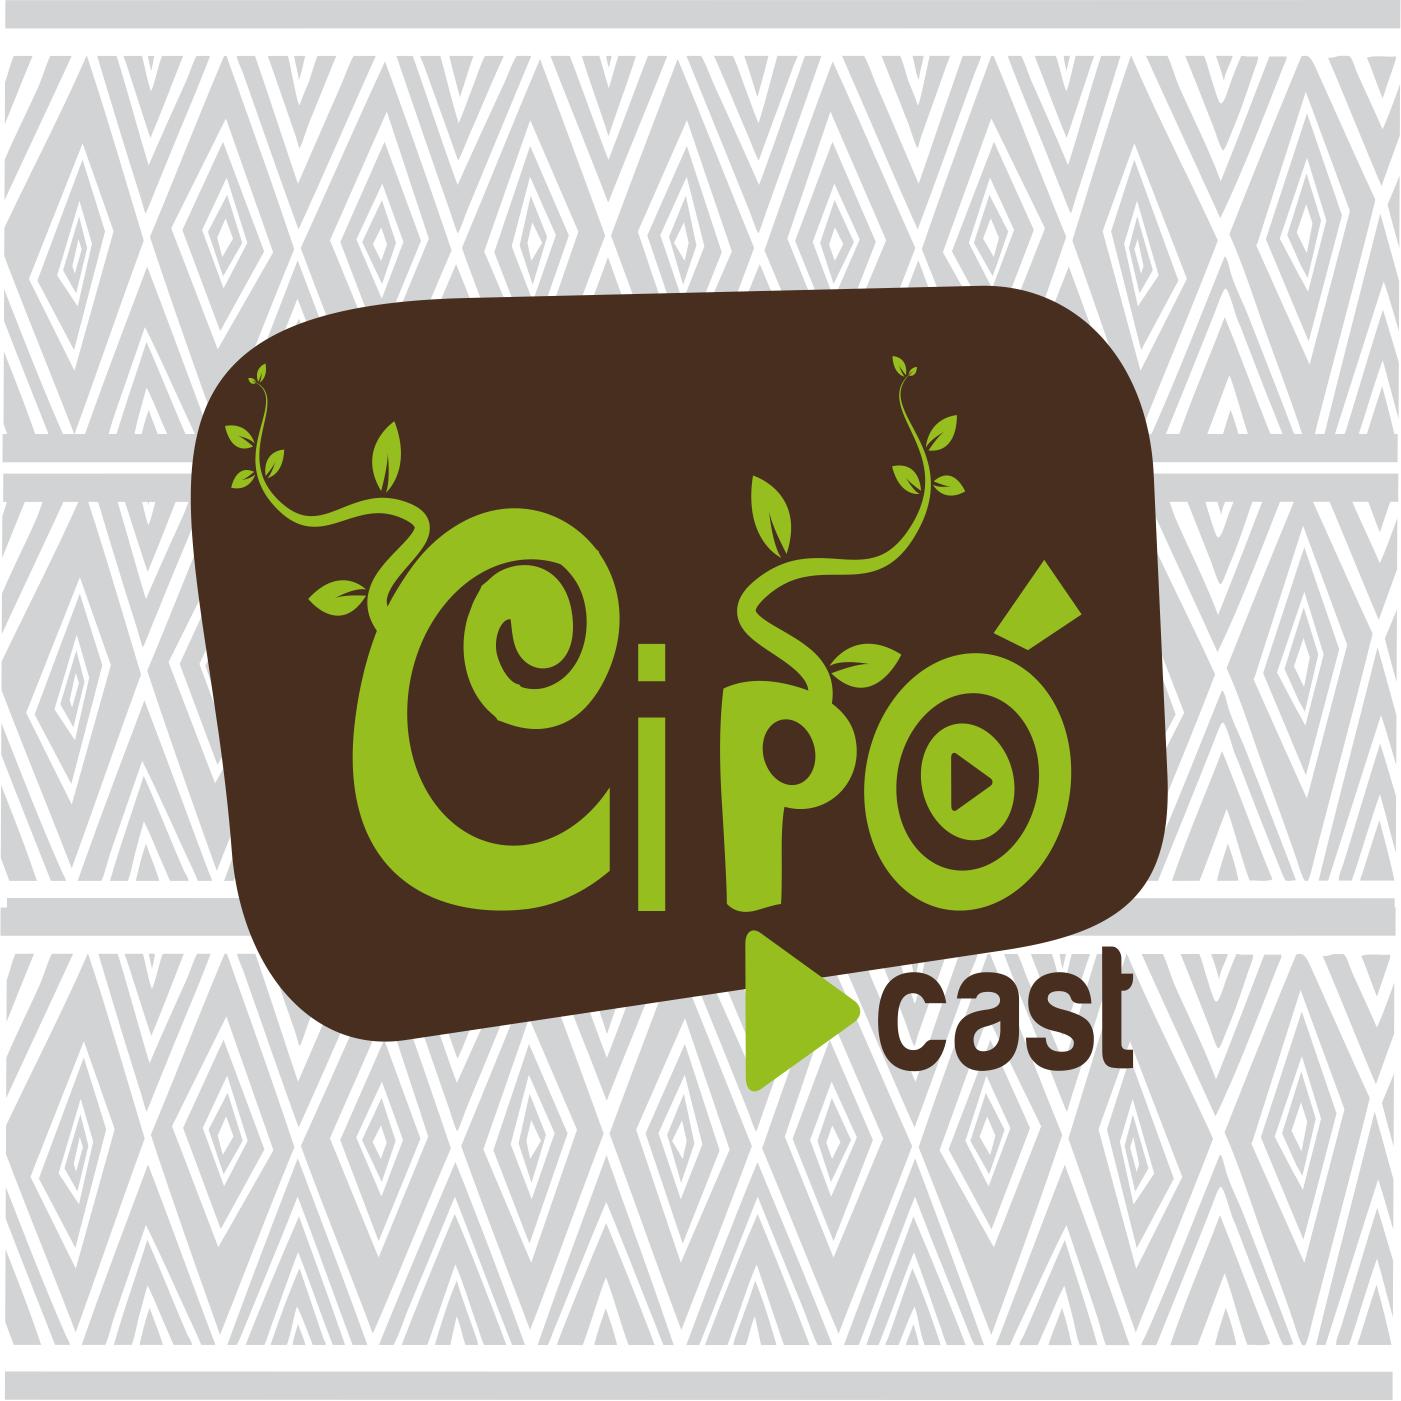 CIPOCAST